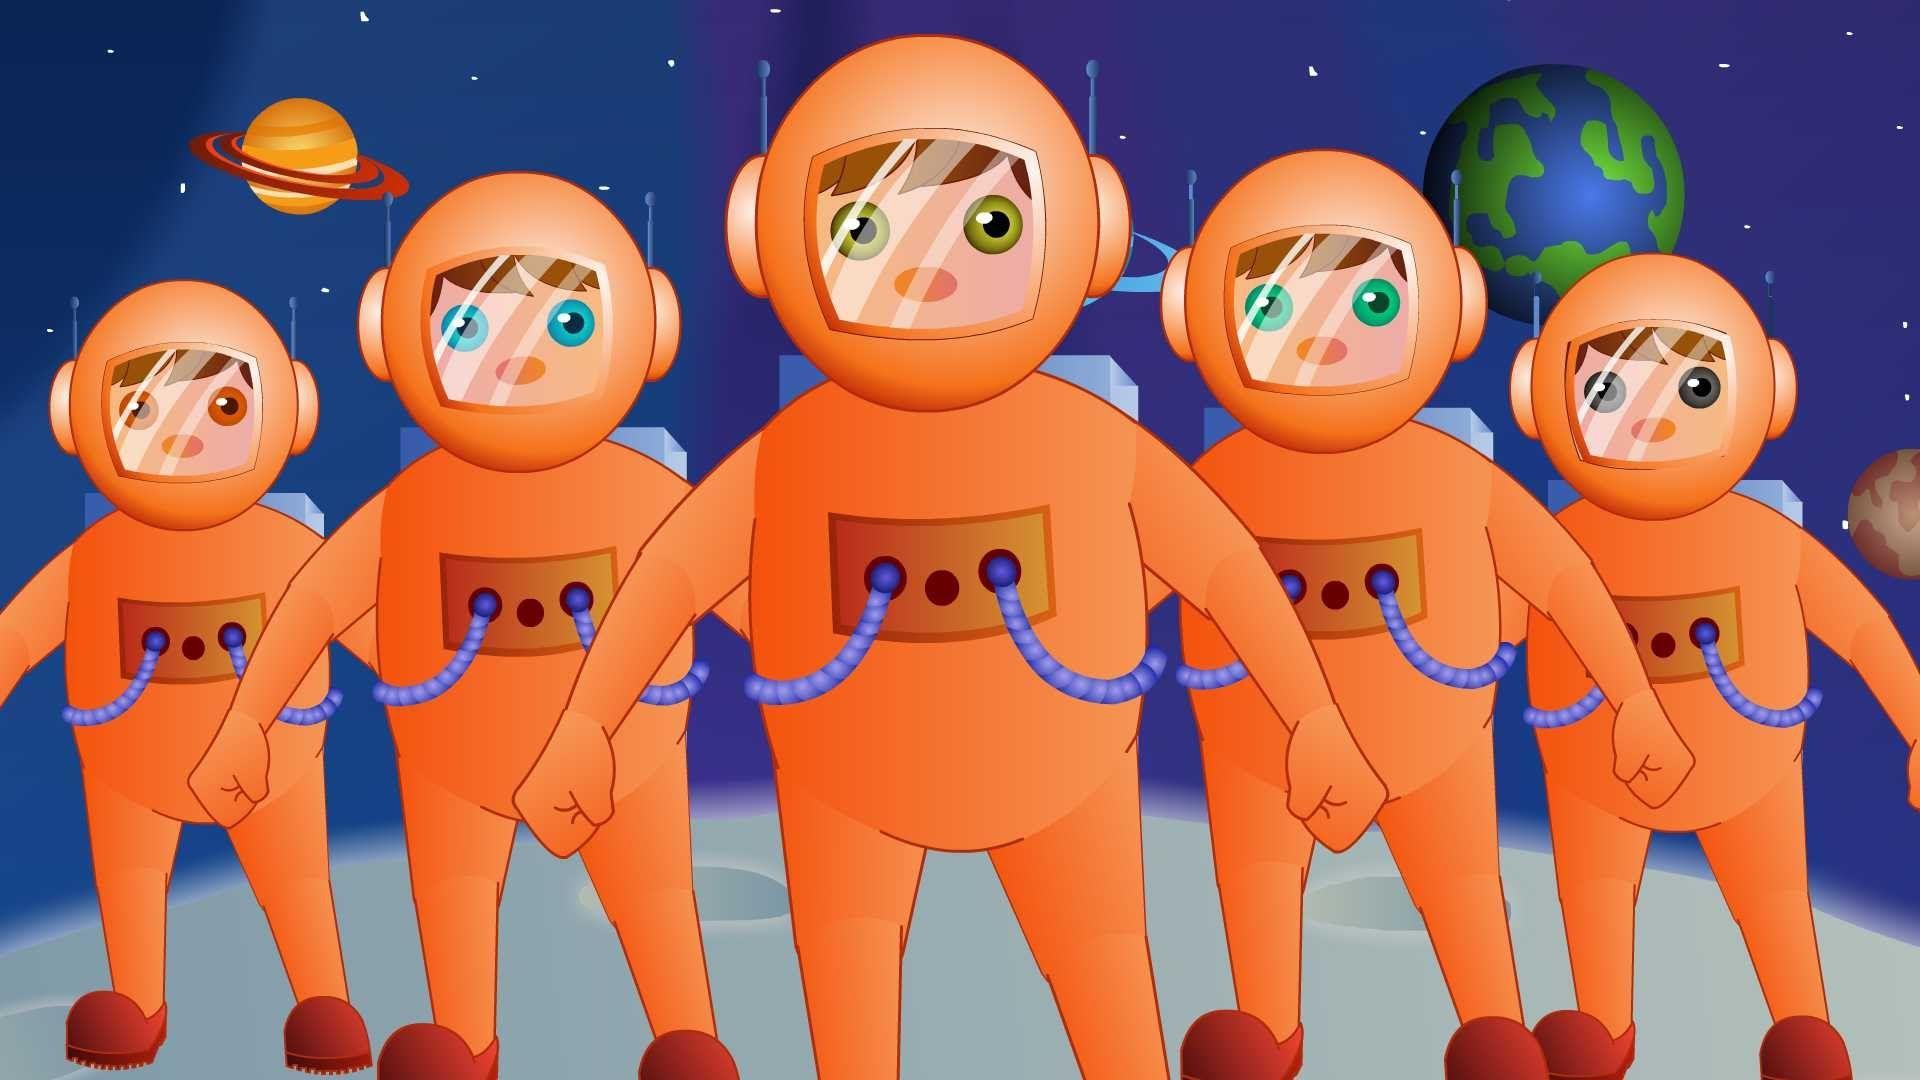 5 Little Astronauts